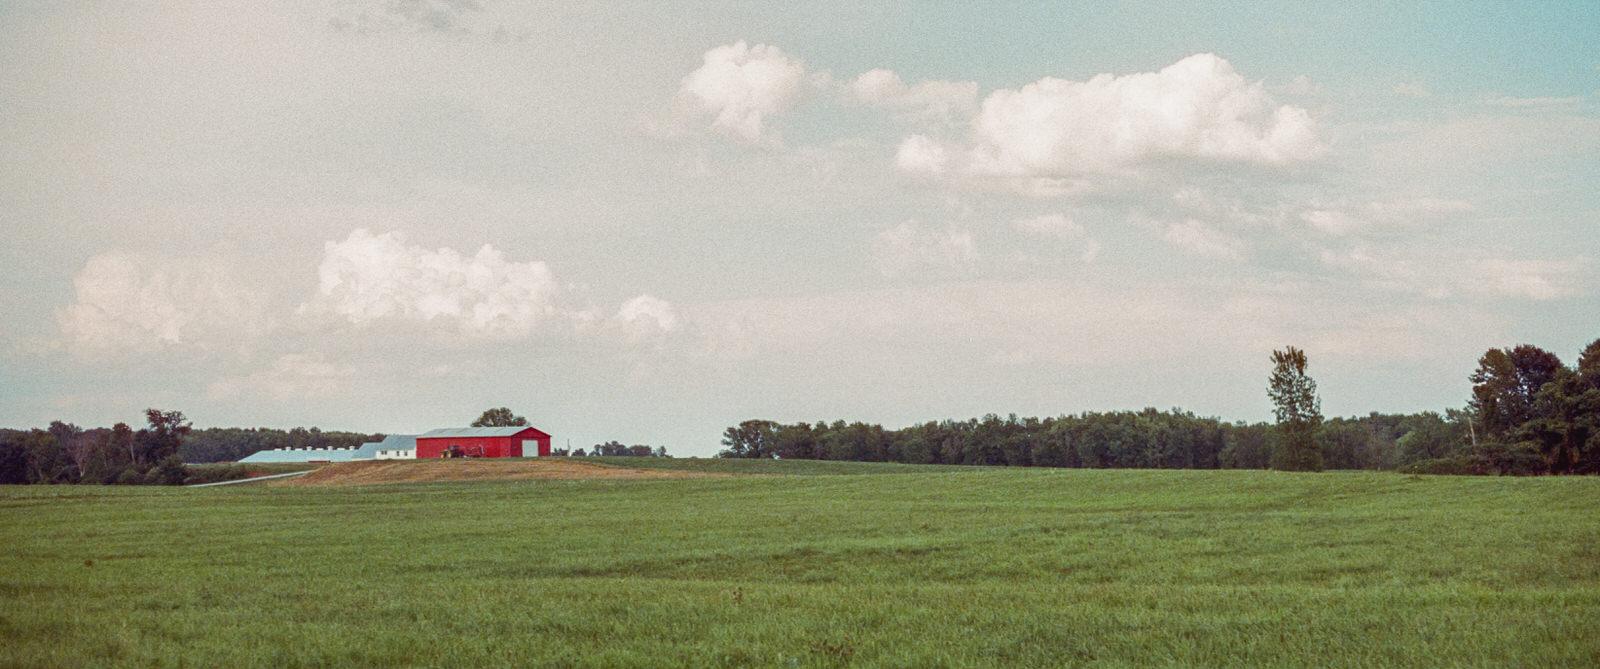 Cinestill 800T 35mm  North Hero, VT, USA